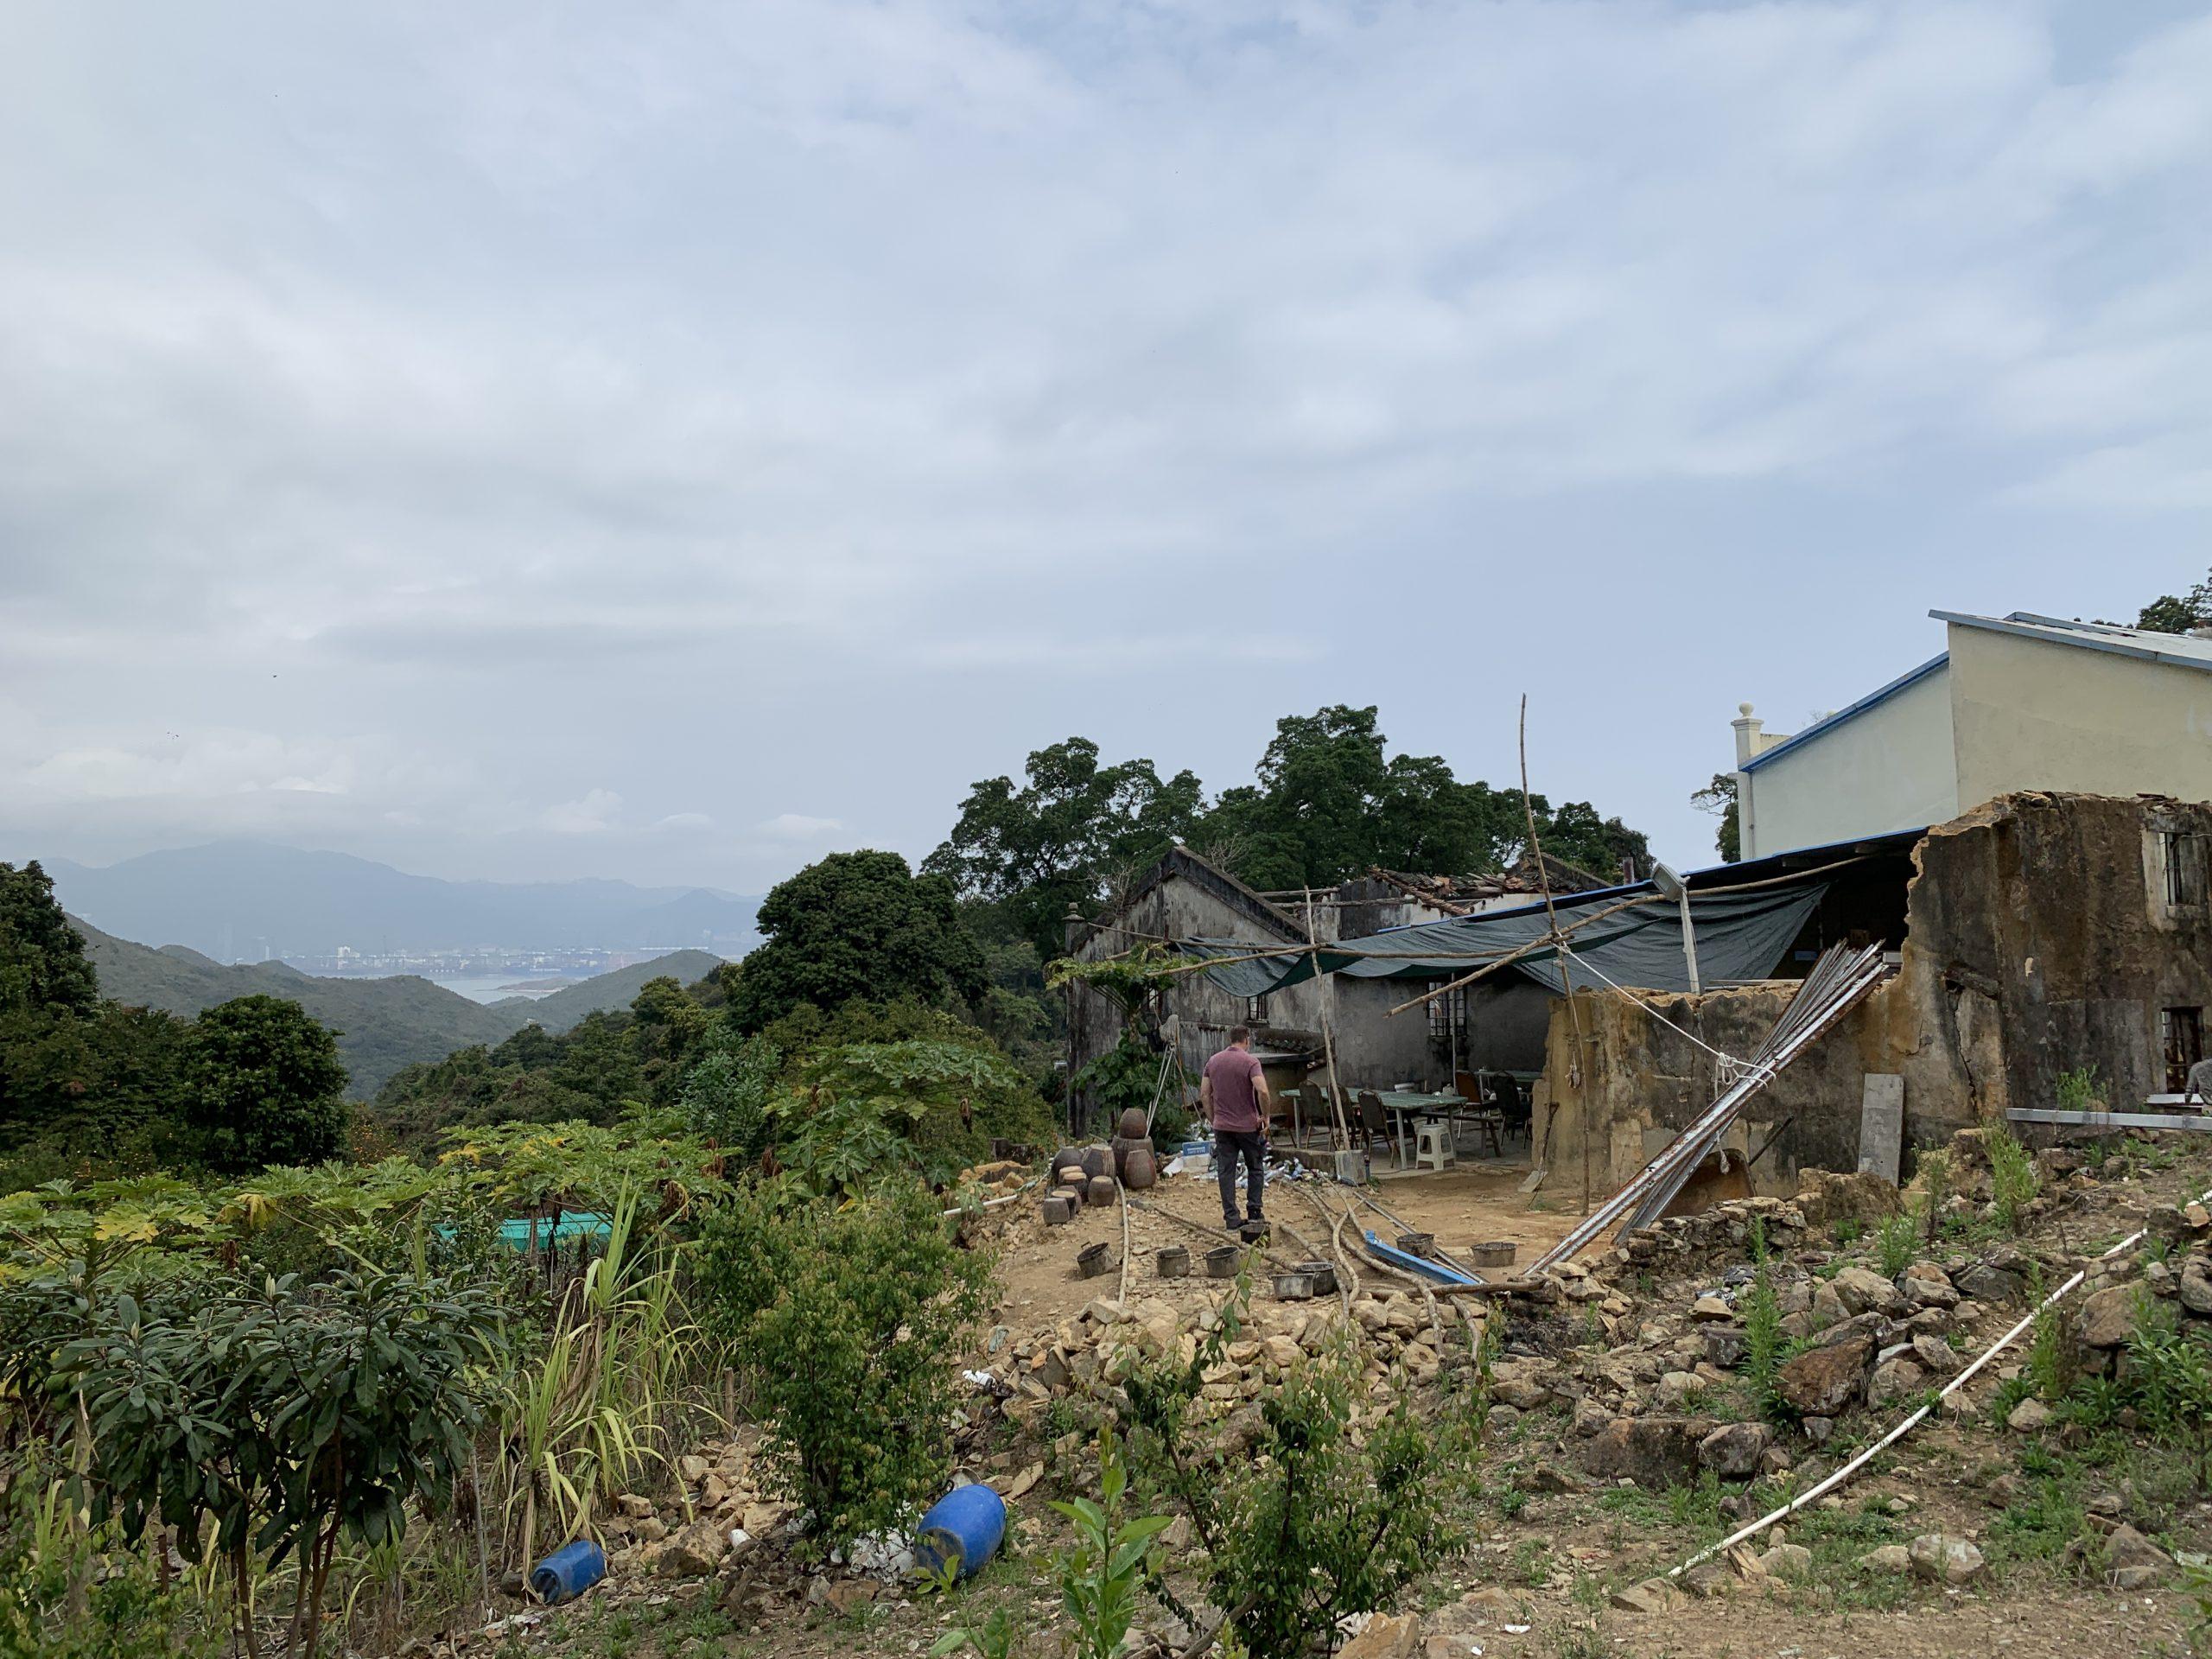 Revisit Lai Chi Wo – A Model For Village Revitalisation